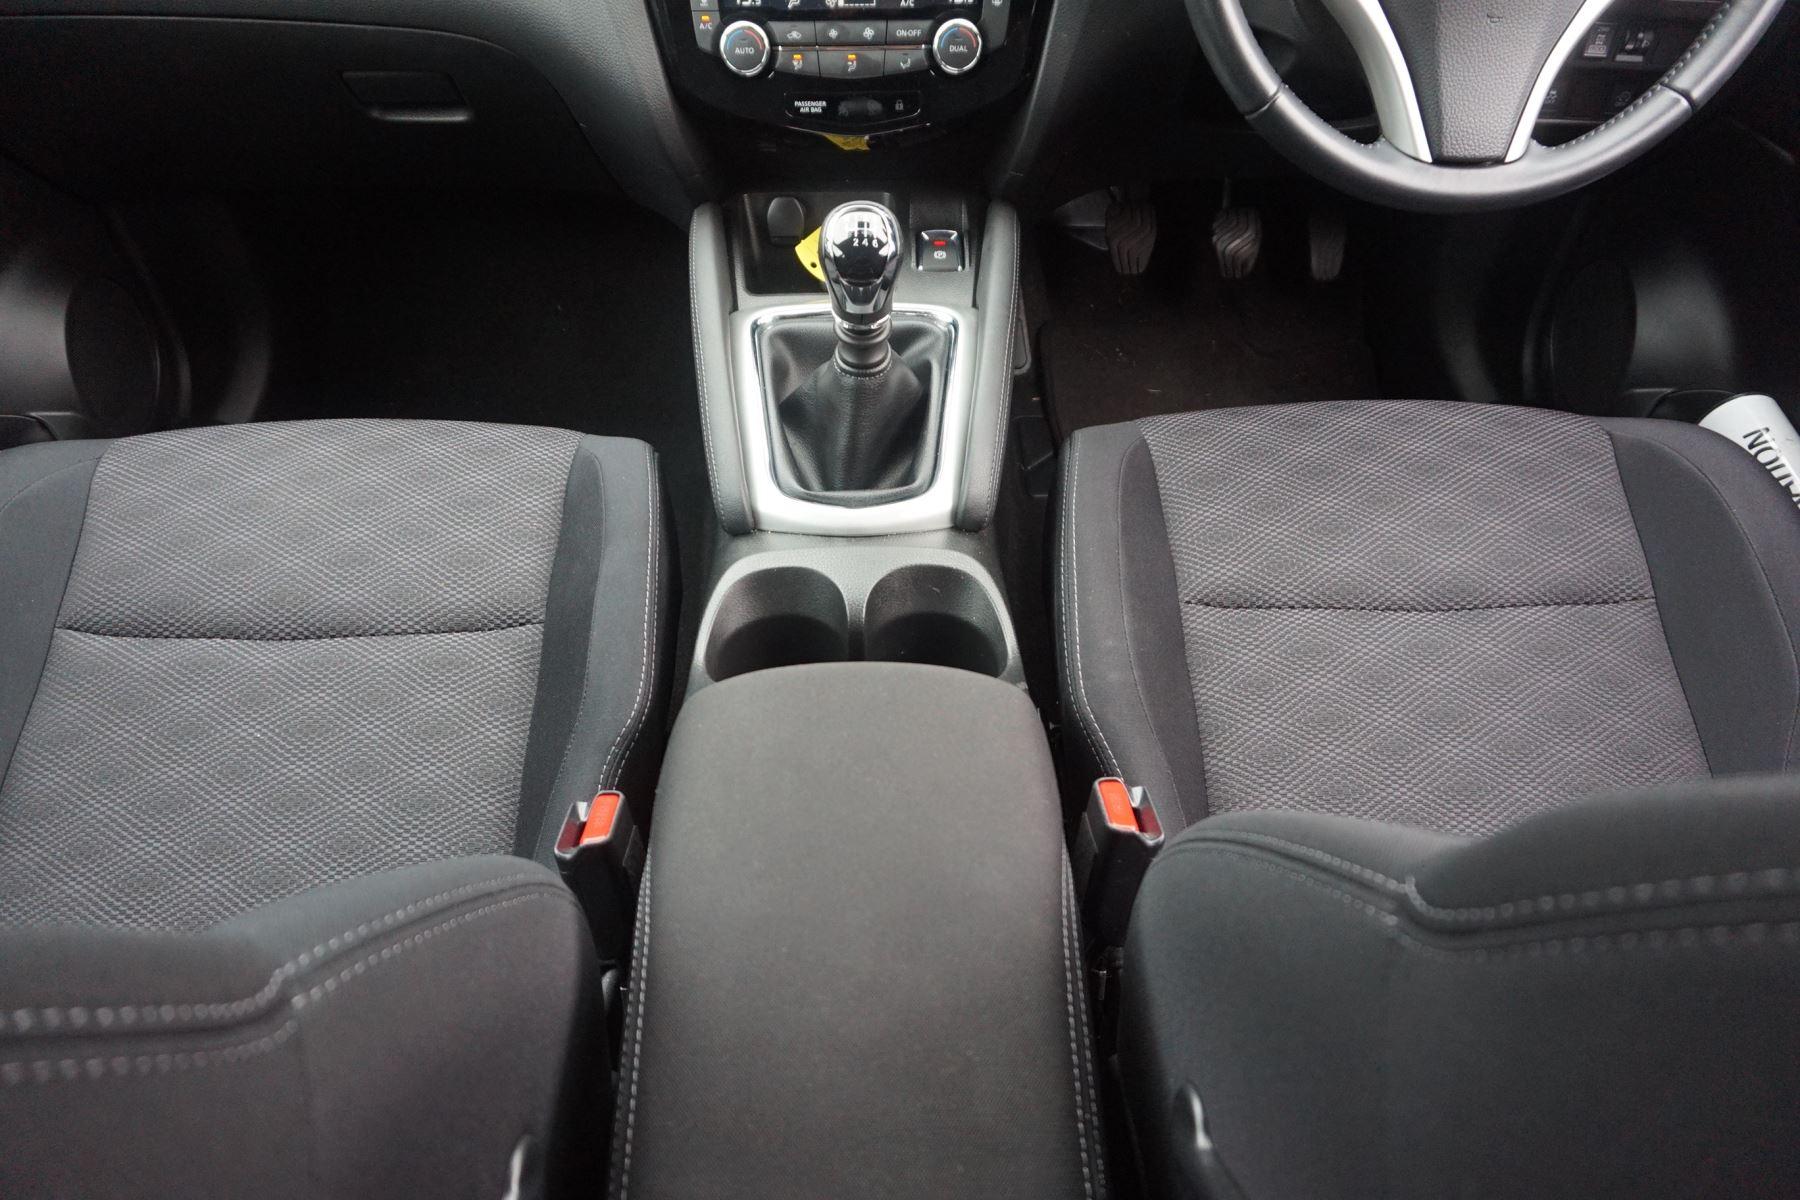 Nissan Qashqai 16 Dci Acenta Premium 4wd Diesel 5 Door Hatchback Skoda Citigo Fuse Box Image 12